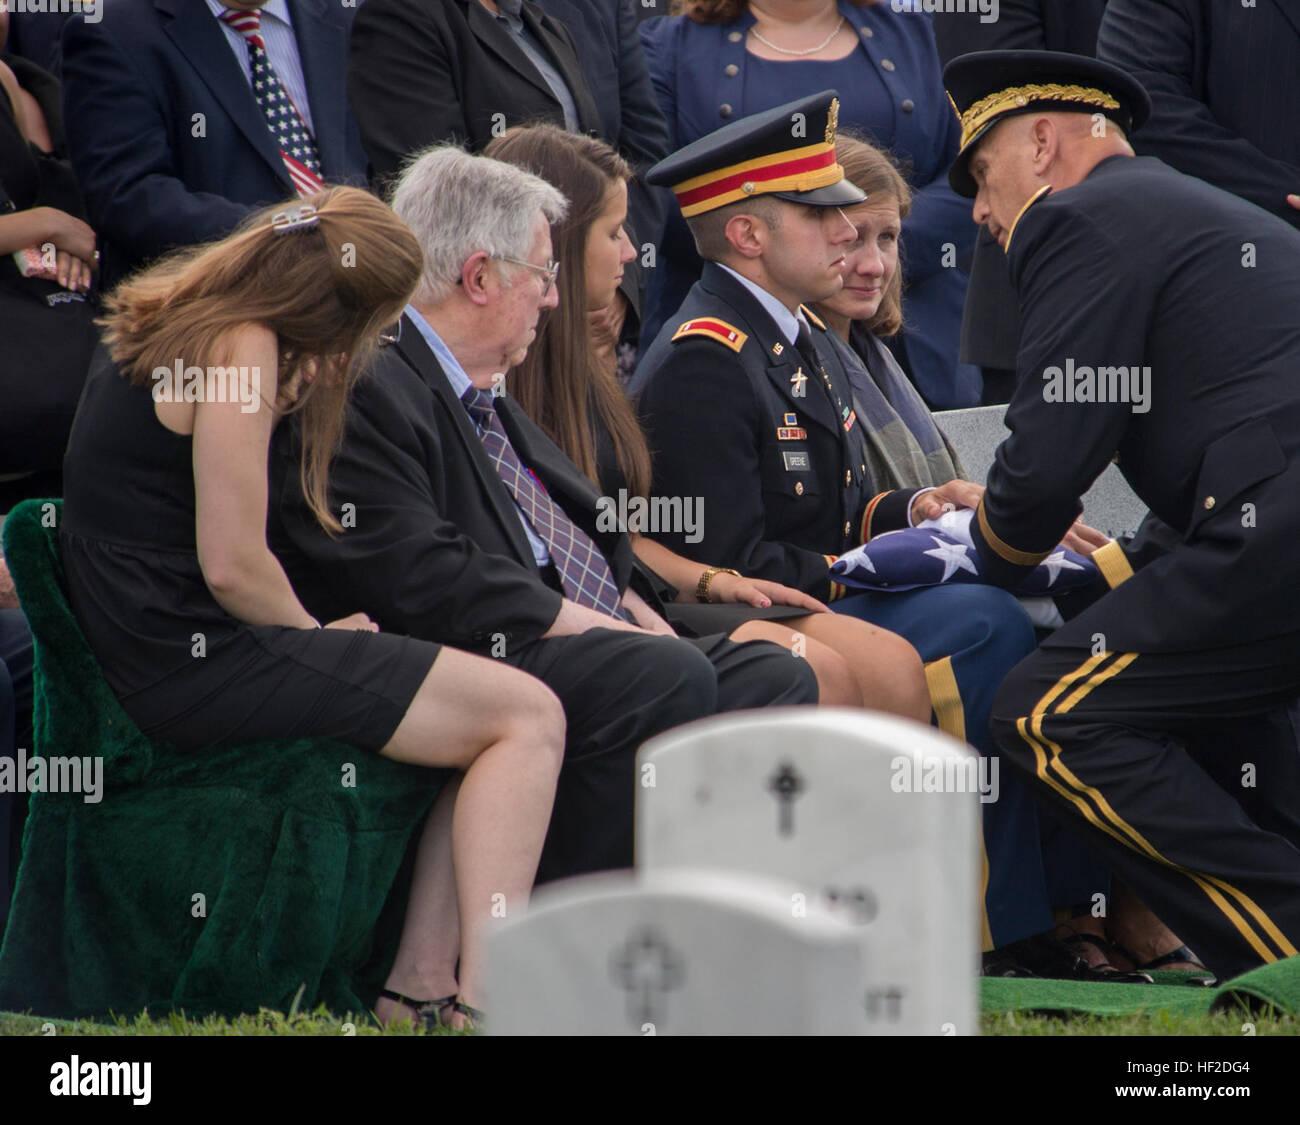 Afghanistan U S Army 1st Lt J Stockfotos & Afghanistan U S Army 1st ...